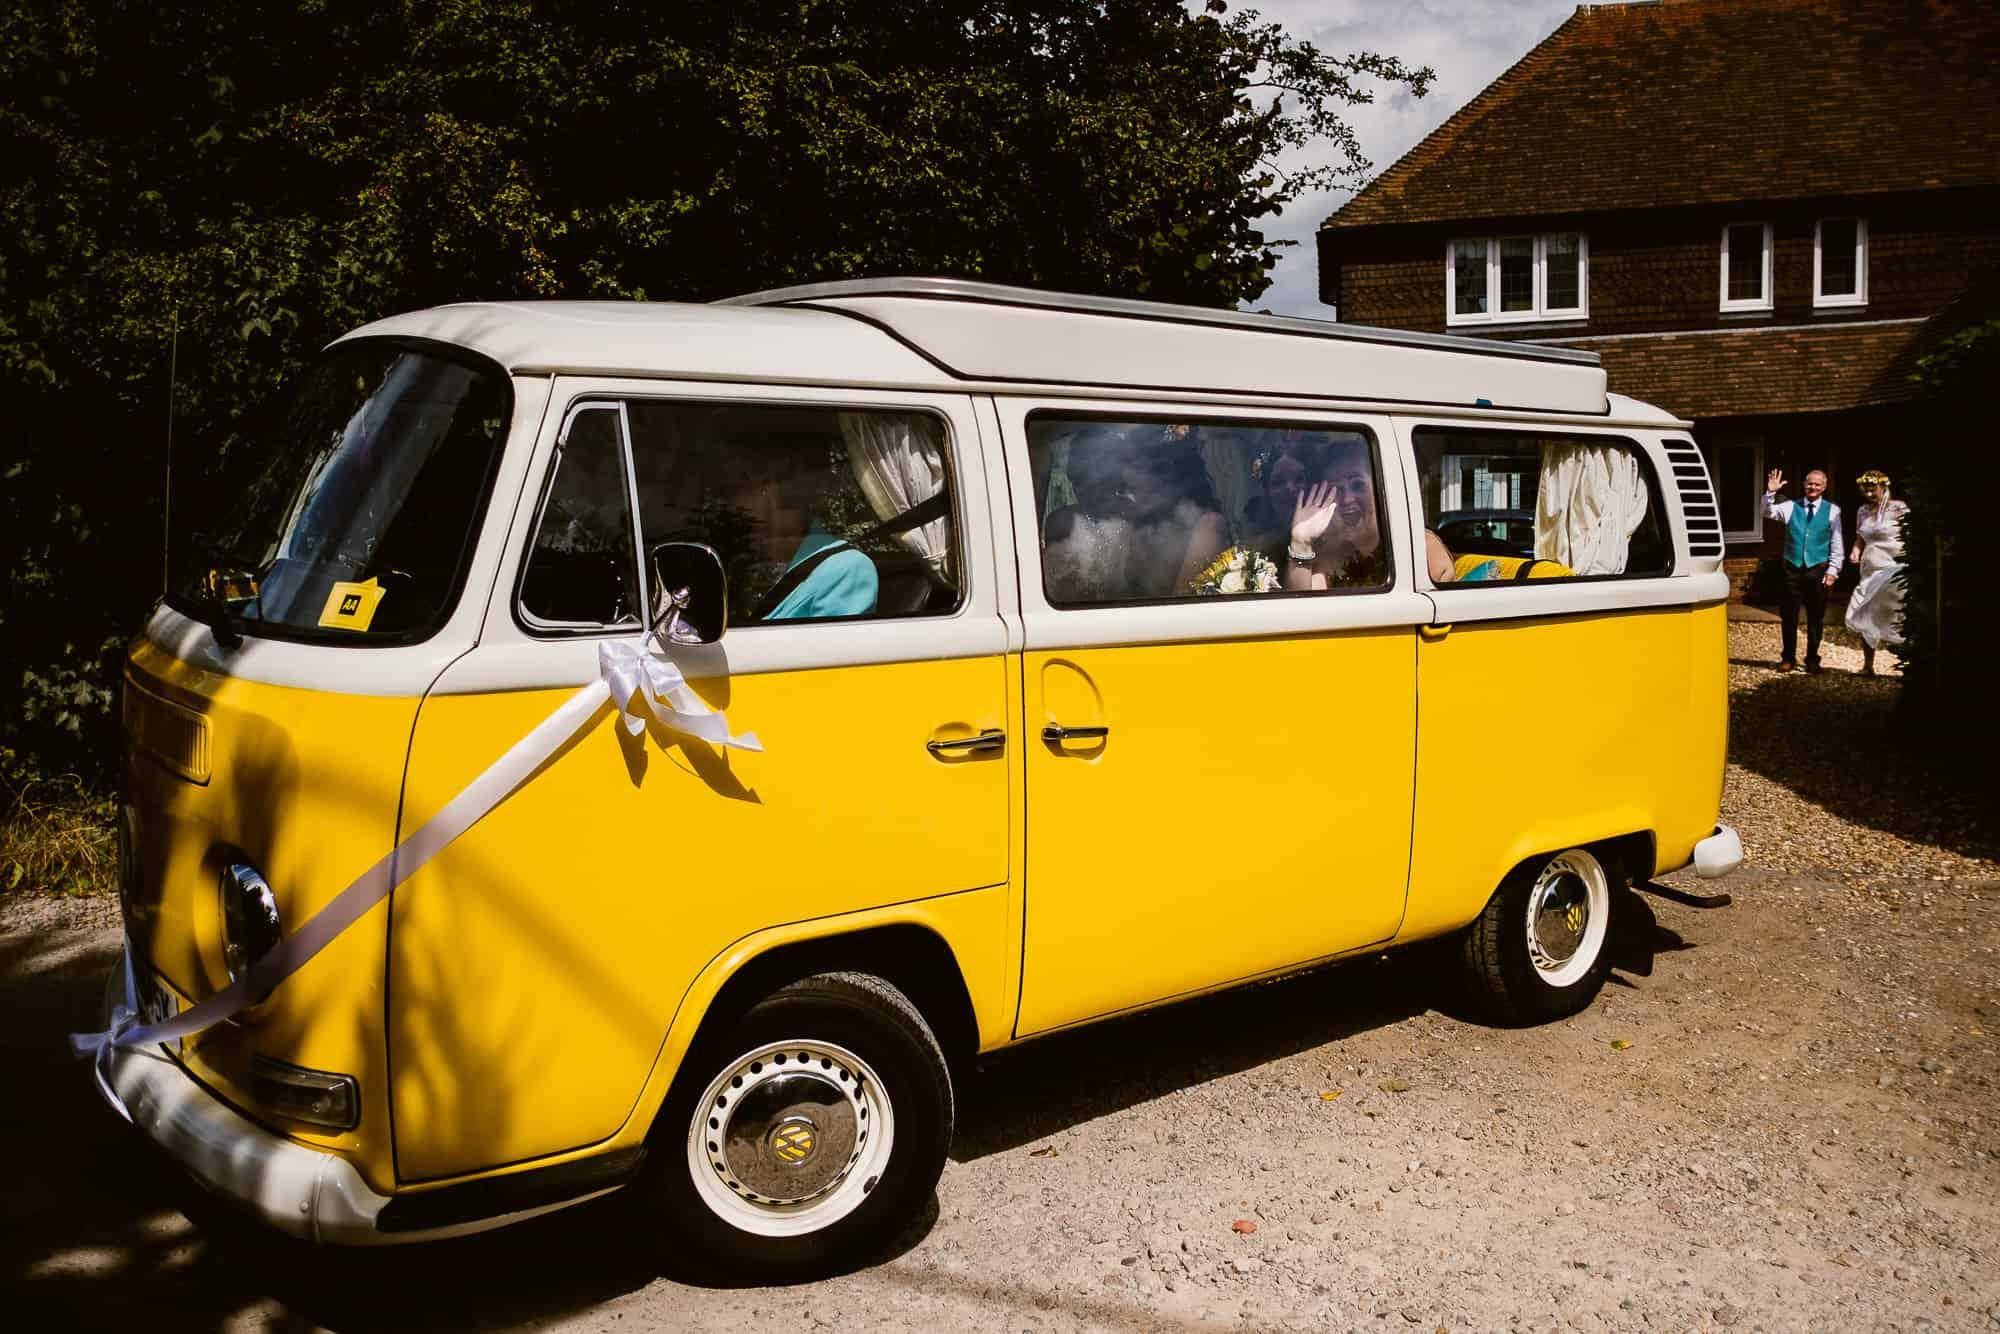 east-quay-wedding-photography-matt-tyler-0016